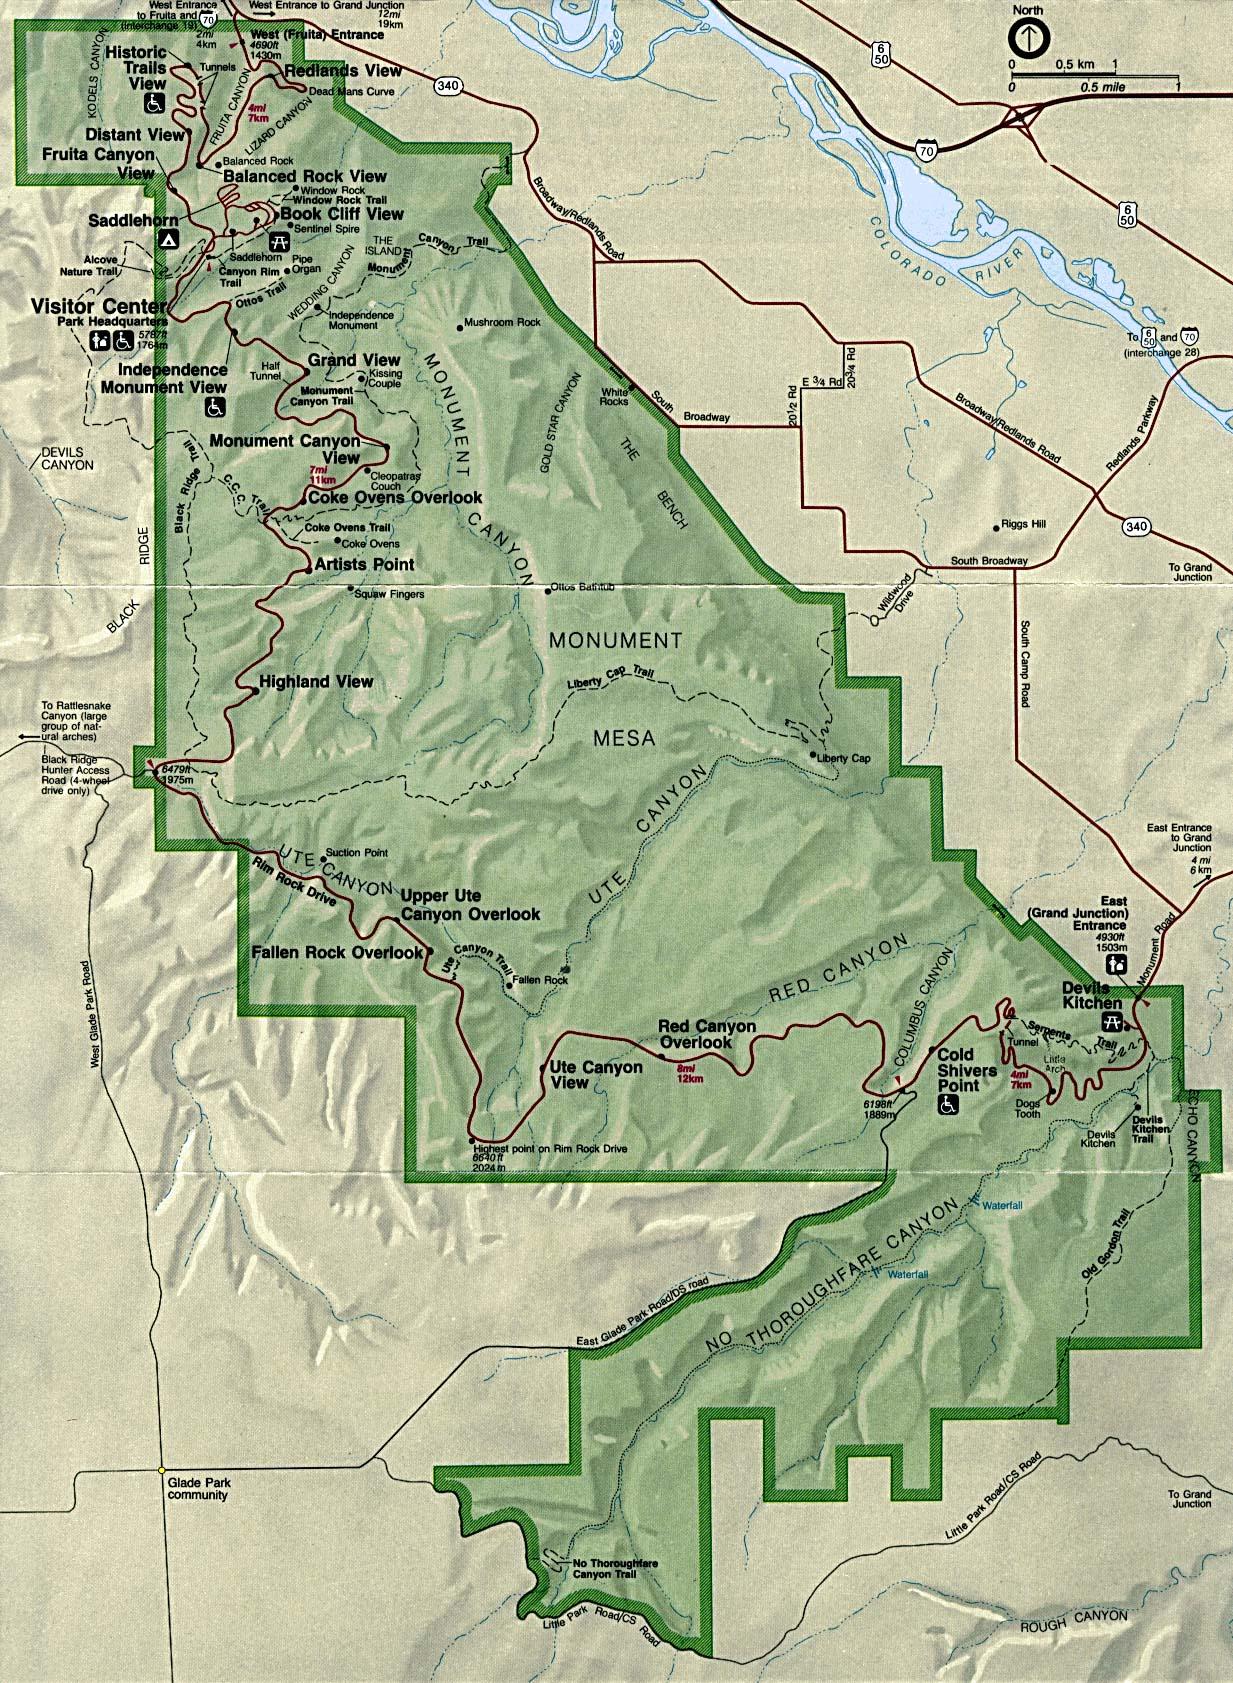 Maps of Colorado National Monument Park Map, Colorado ...